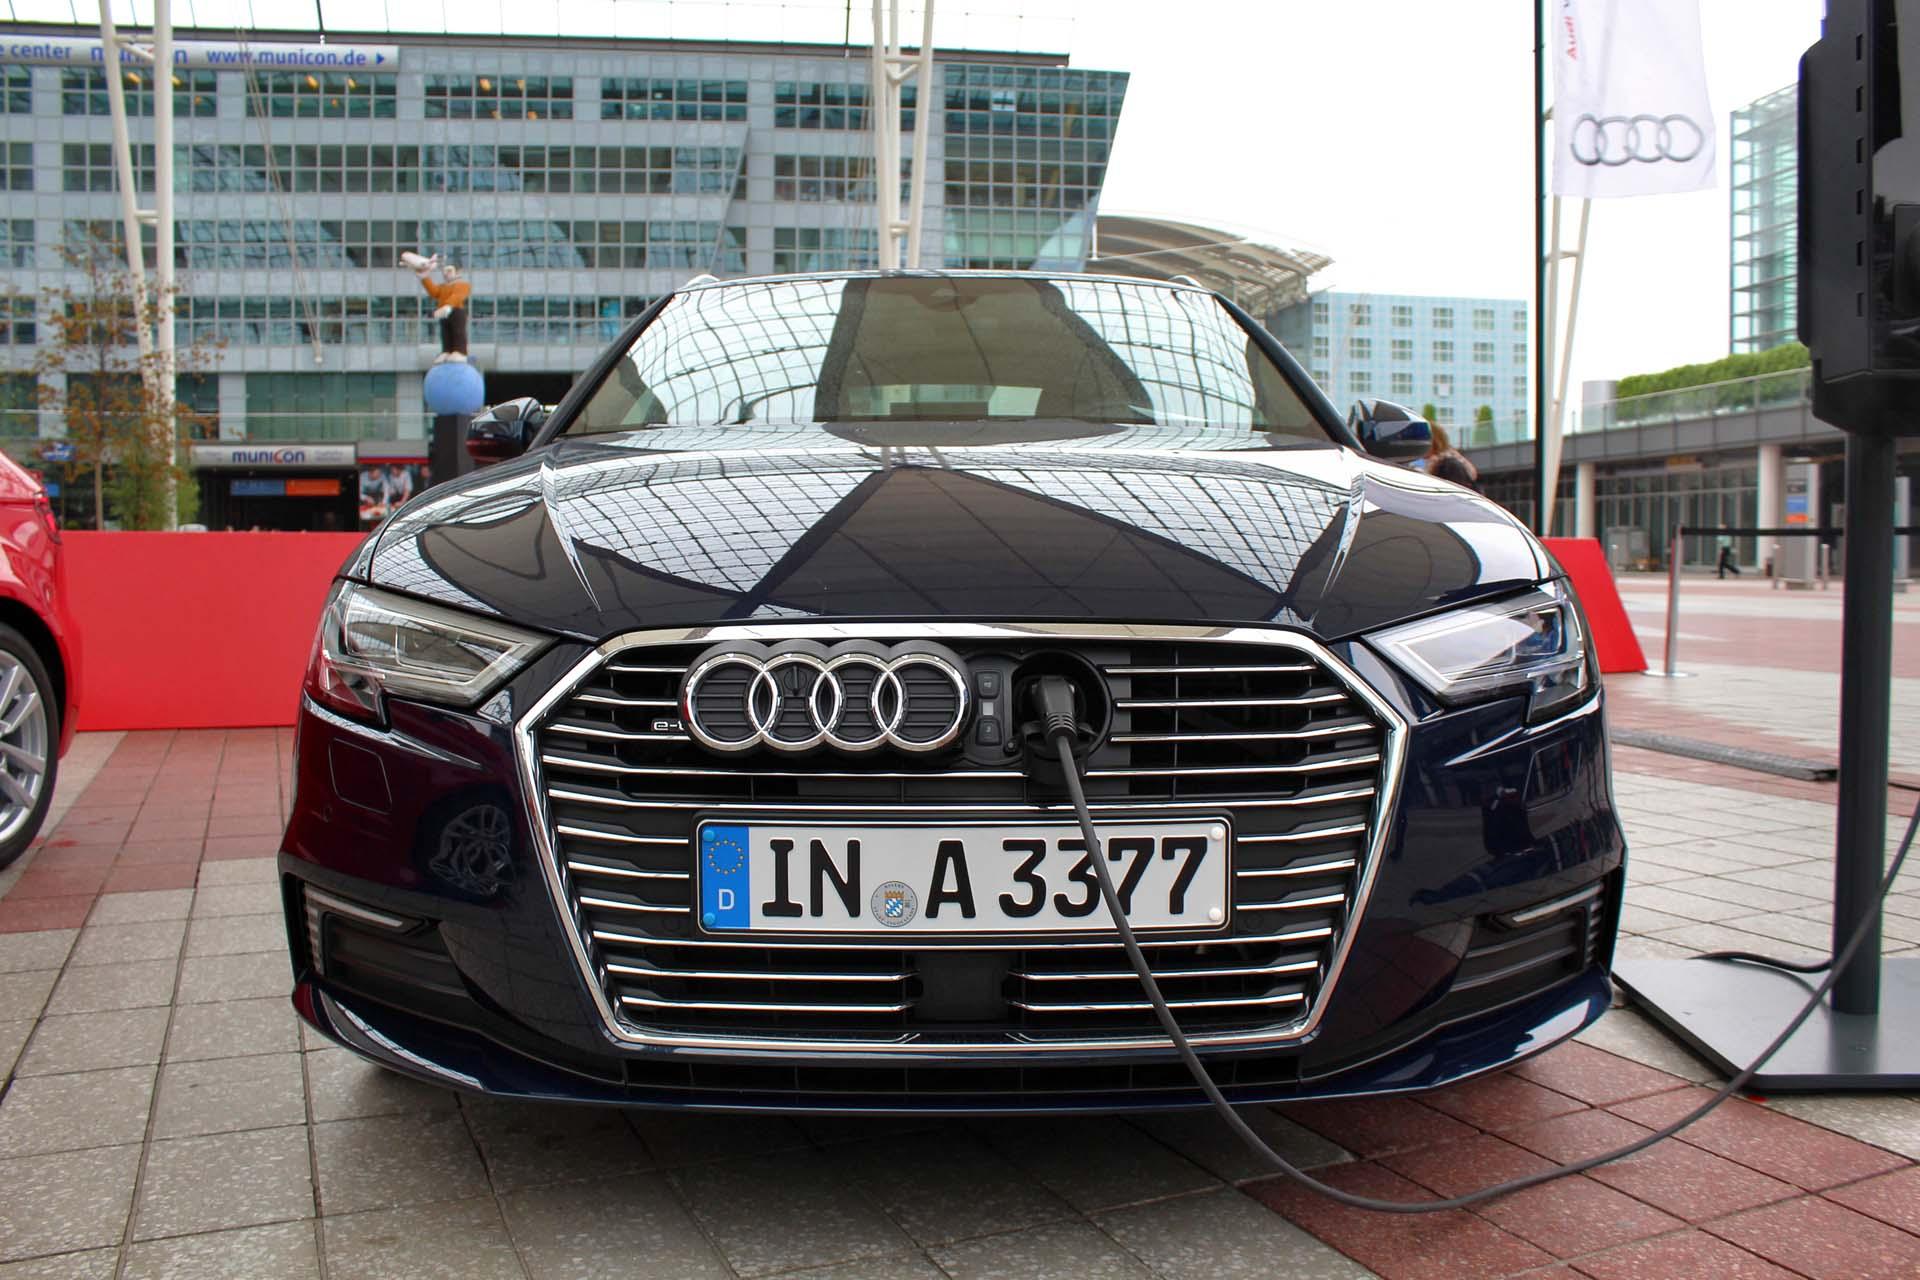 Audi A Sportback Etron Autosca - 2018 audi a3 sportback e tron